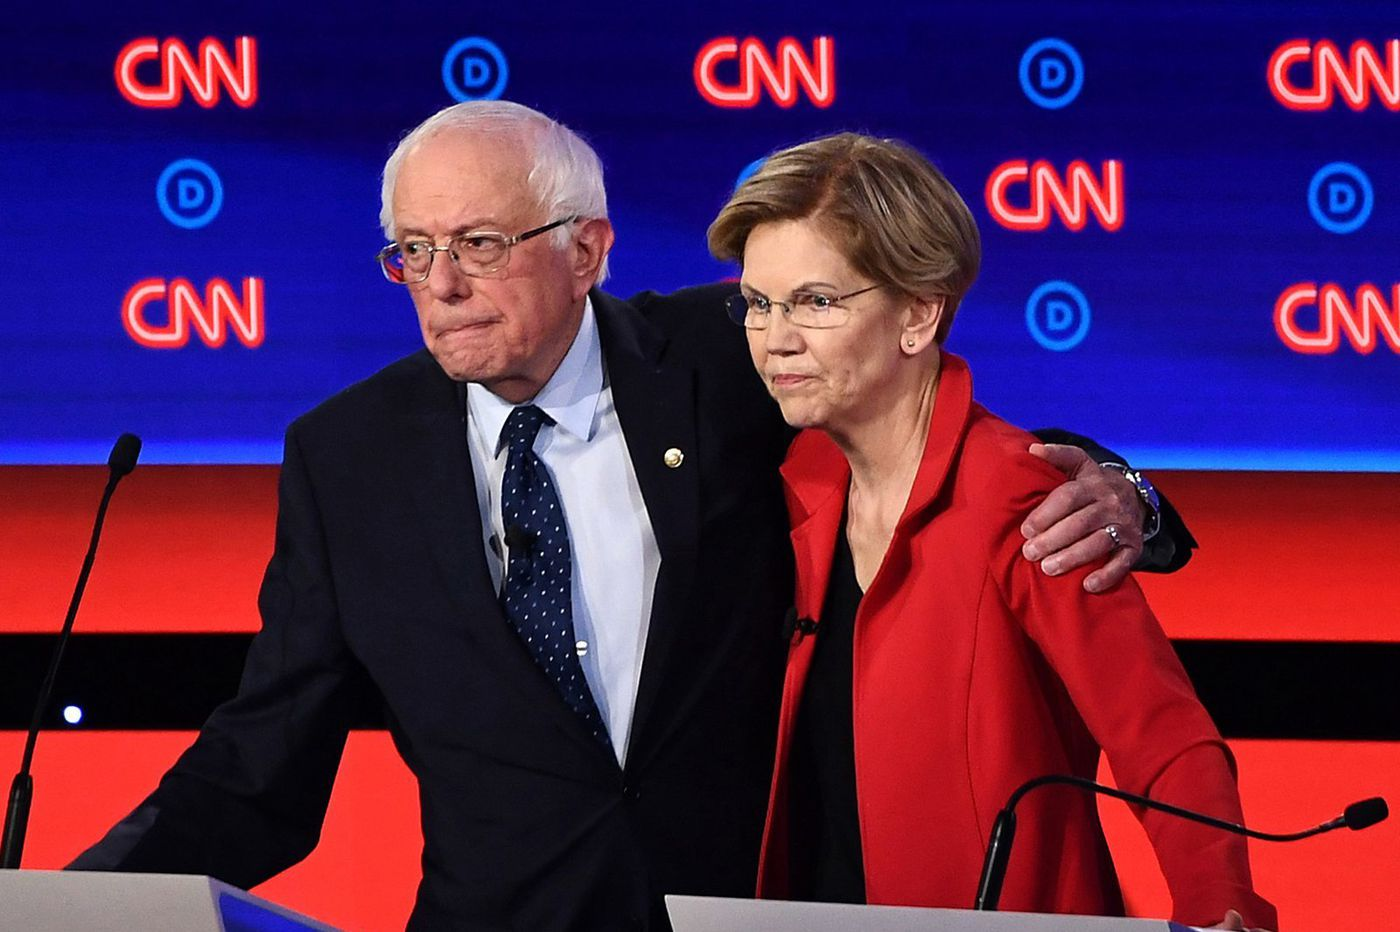 Sanders-Warren feud takes turn onto dangerous turf of gender